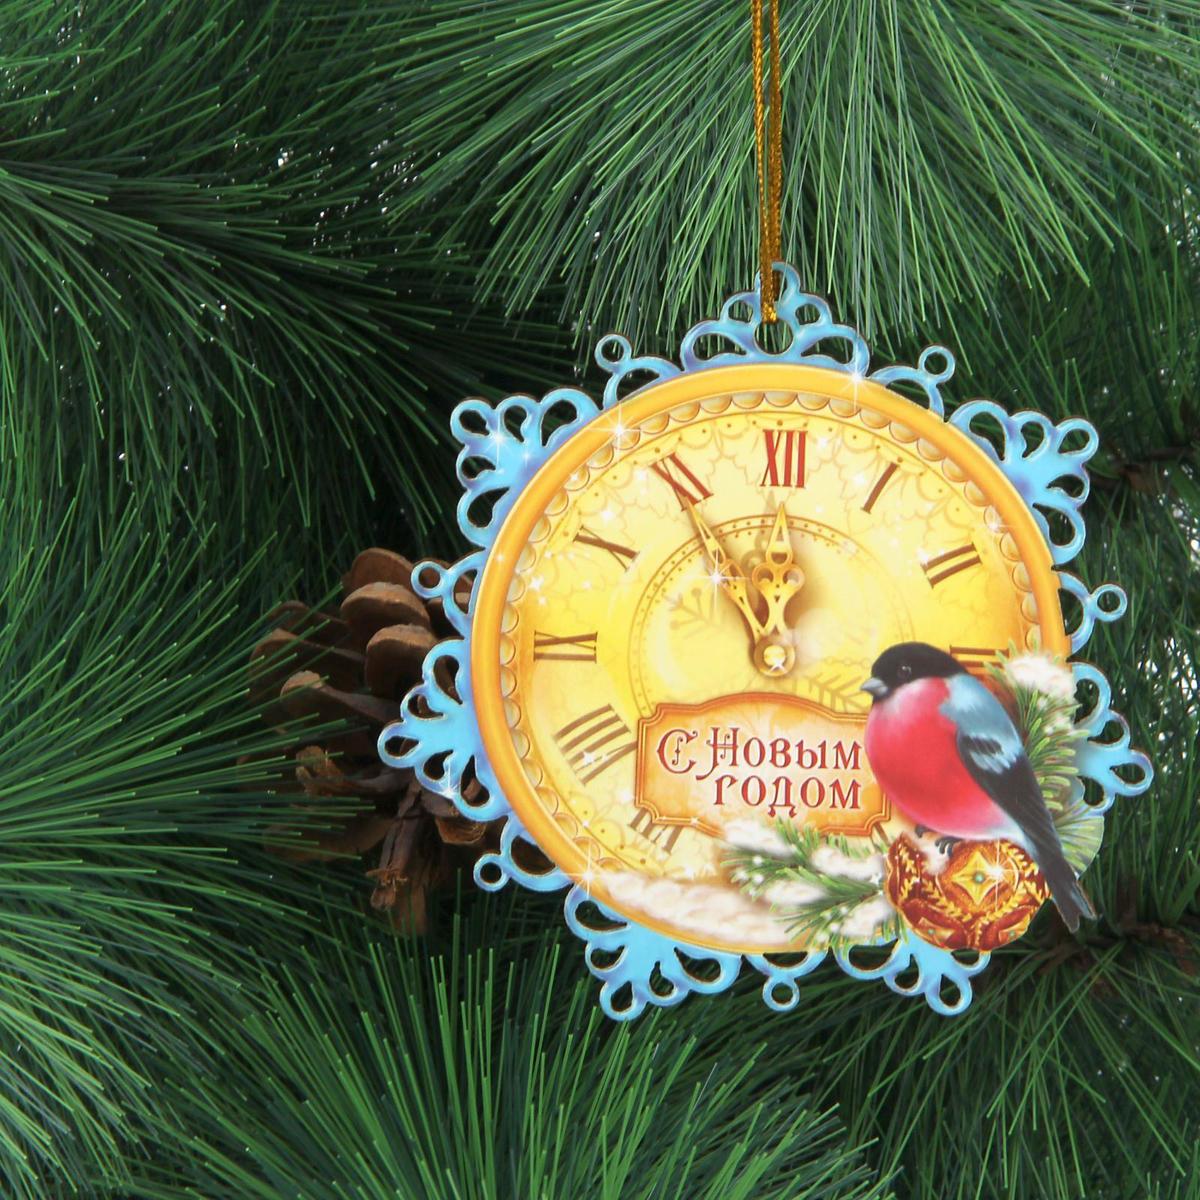 Новогоднее подвесное украшение Sima-land С Новым годом, 9 х 9 см новогоднее подвесное украшение sima land шар с новым годом диаметр 8 см 1071908